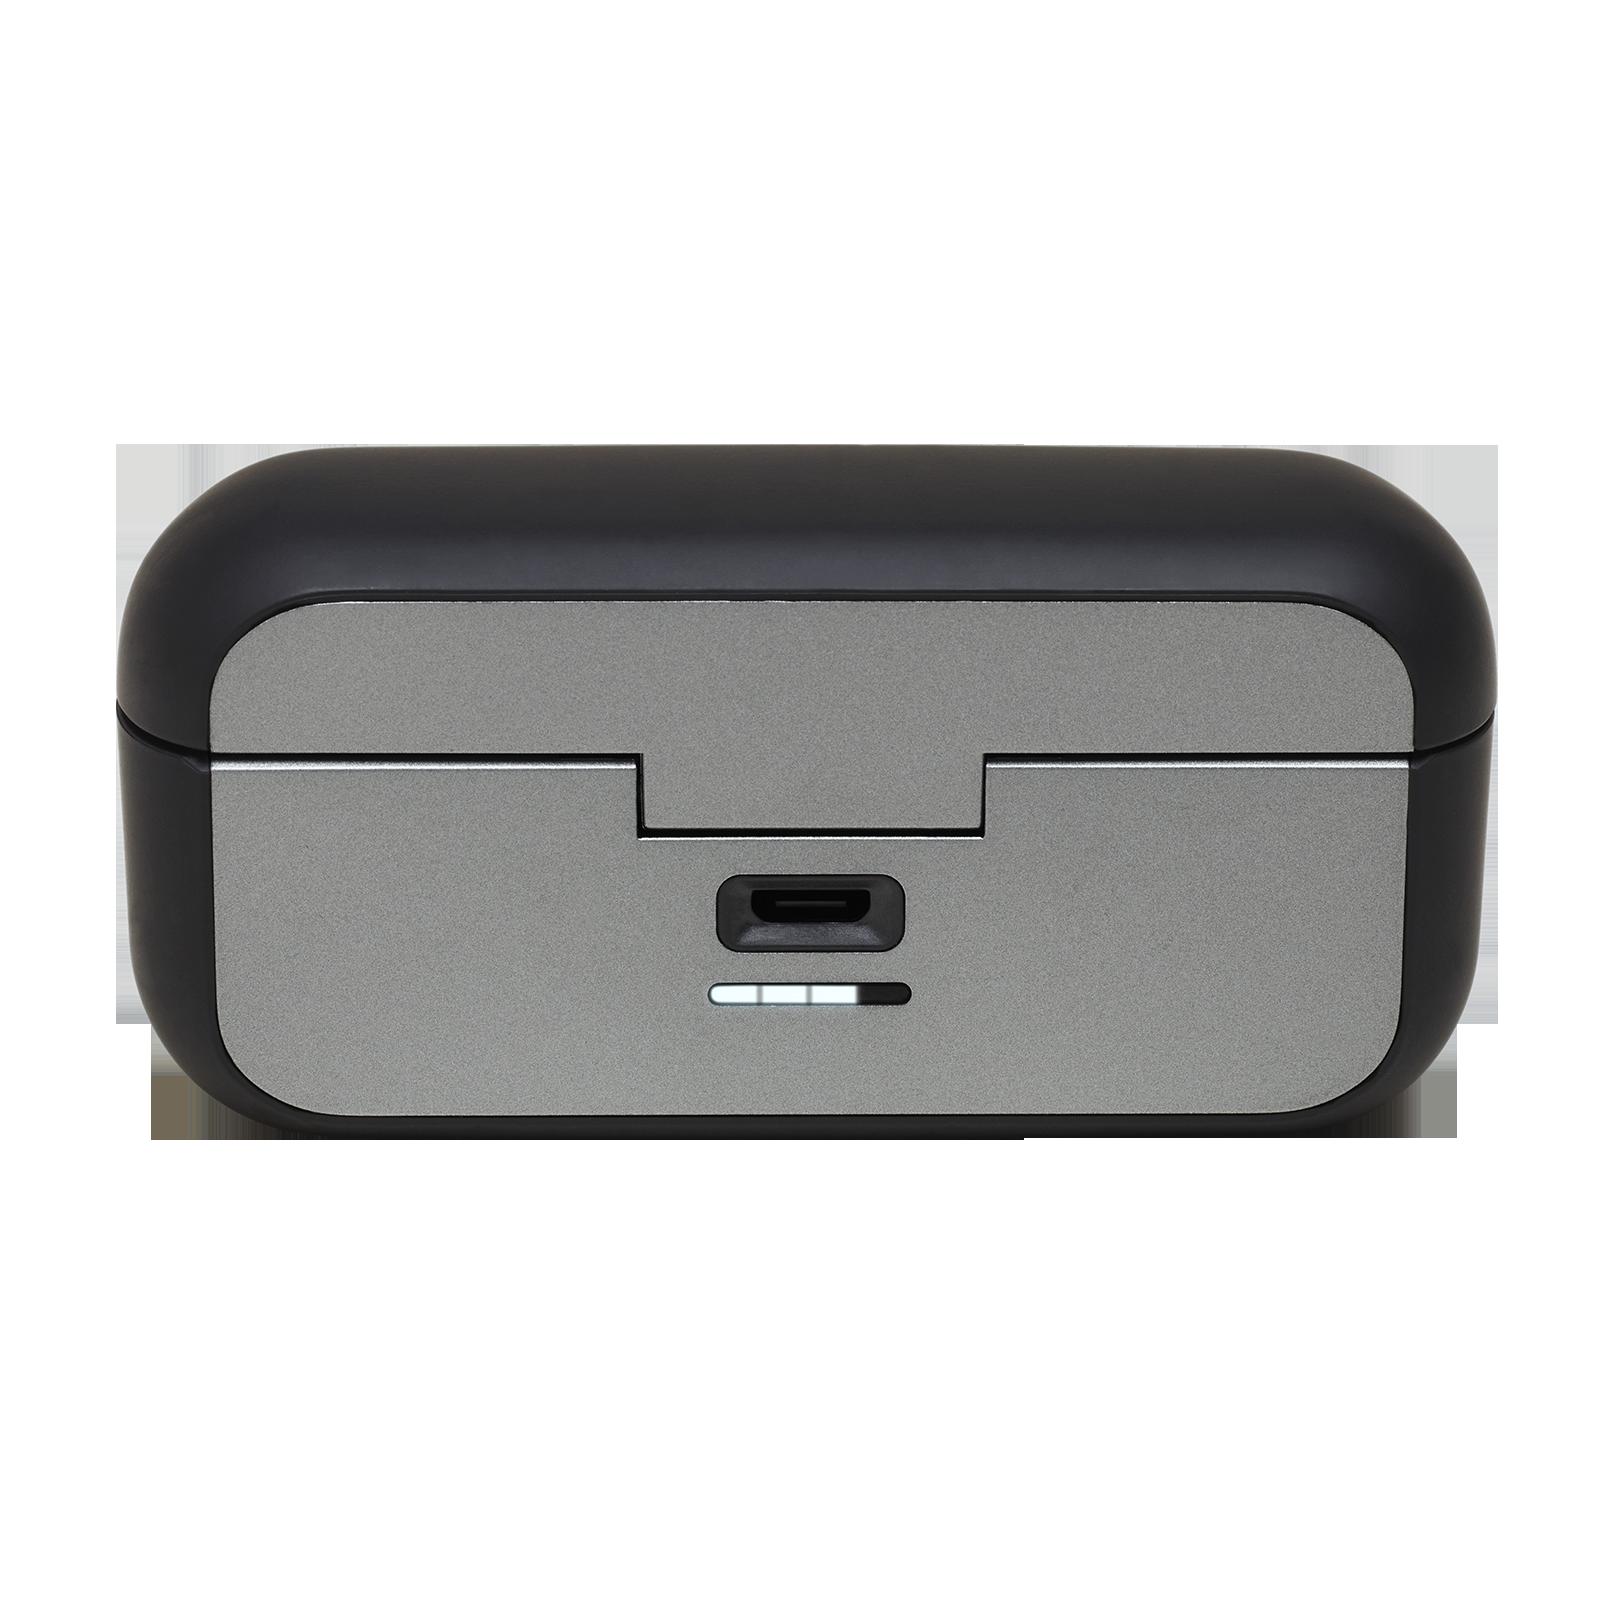 JBL REFLECT FLOW - Black - True wireless sport headphones. - Detailshot 1